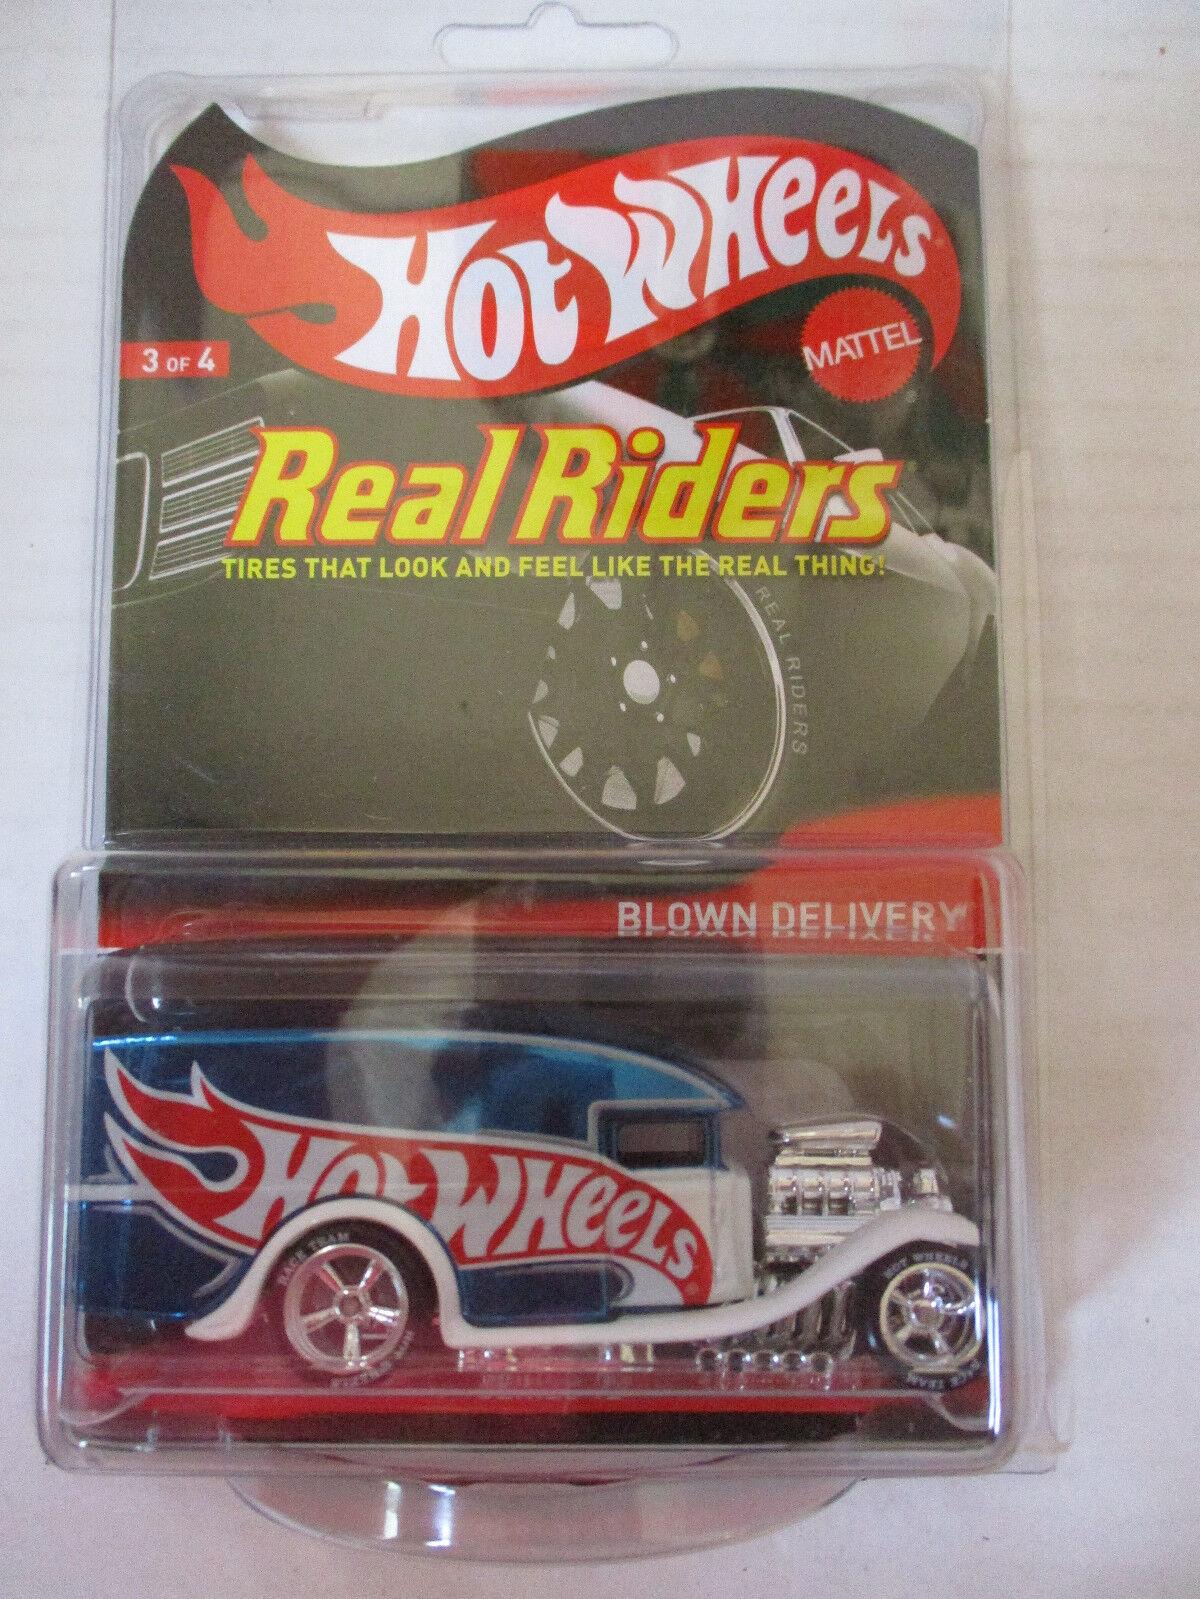 artículos de promoción Hot Wheels Real Real Real Riders Soplado entrega Azul  3323 4500  gran venta